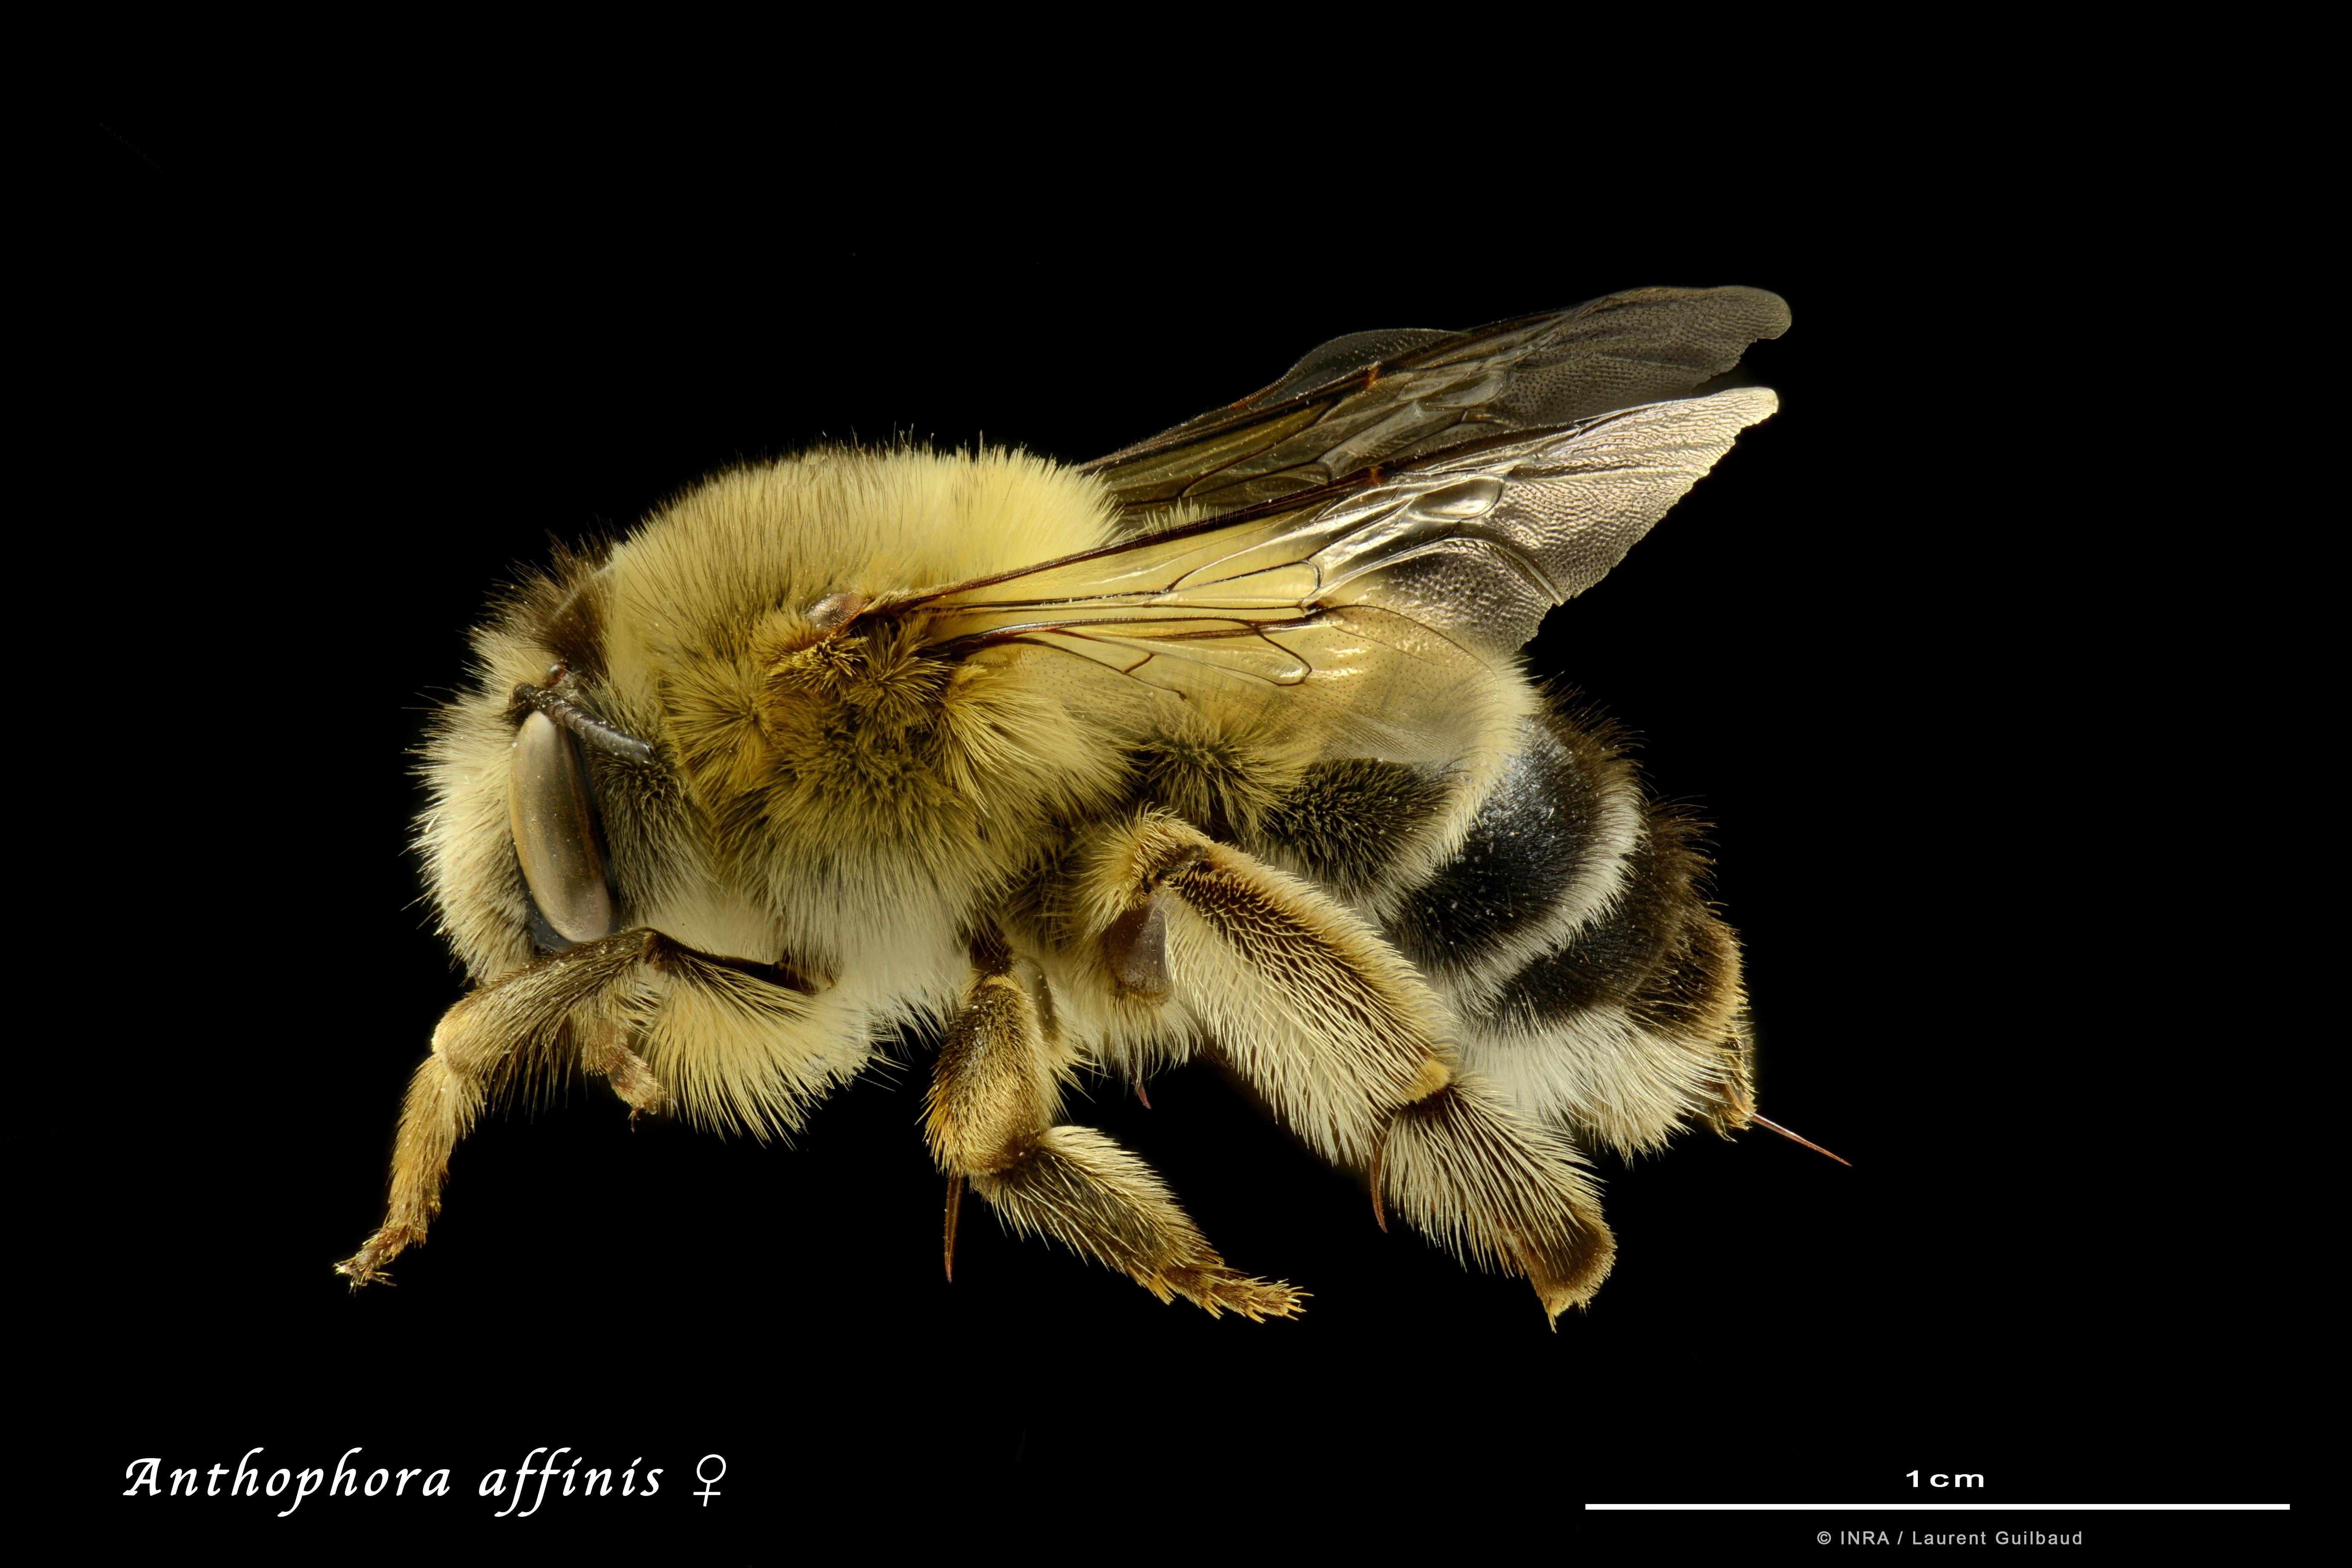 ne magnifique abeille sauvage de la famille des Apidées